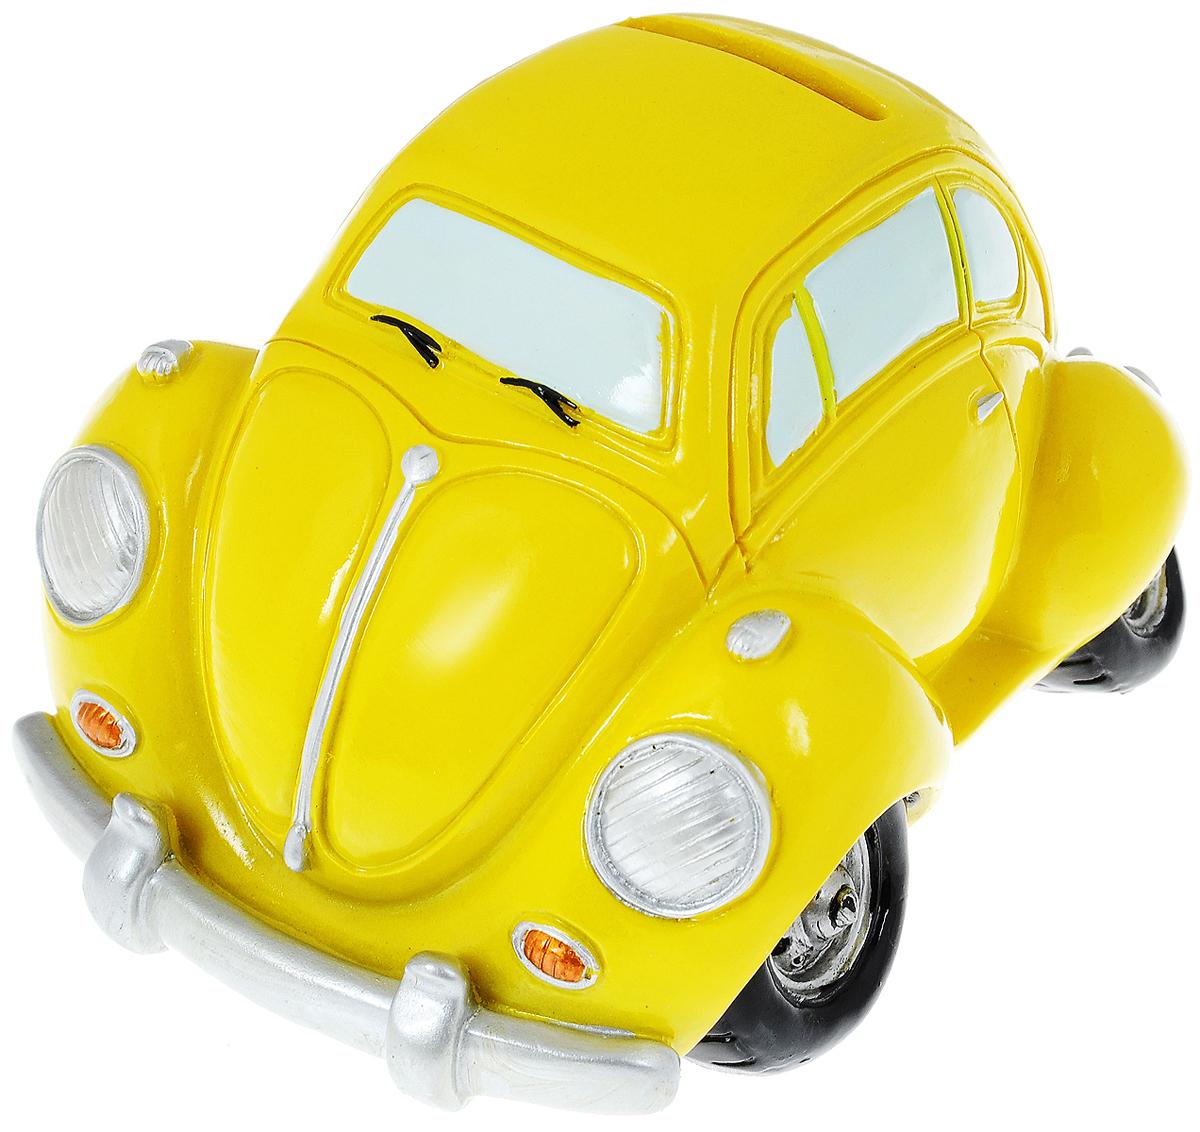 Копилка Miolla Машинка, цвет: желтыйRL36035_желтыйКопилка Miolla Машинка, изготовленная из высококачественной полирезины, станет отличным украшением интерьера вашего дома или офиса. Изделие оснащено отверстием для монет и удобным клапаном на дне, через который можно достать деньги. Яркий оригинальный дизайн сделает такую копилку прекрасным подарком. Она послужит не только по своему прямому назначению, но и красиво дополнит интерьер комнаты.